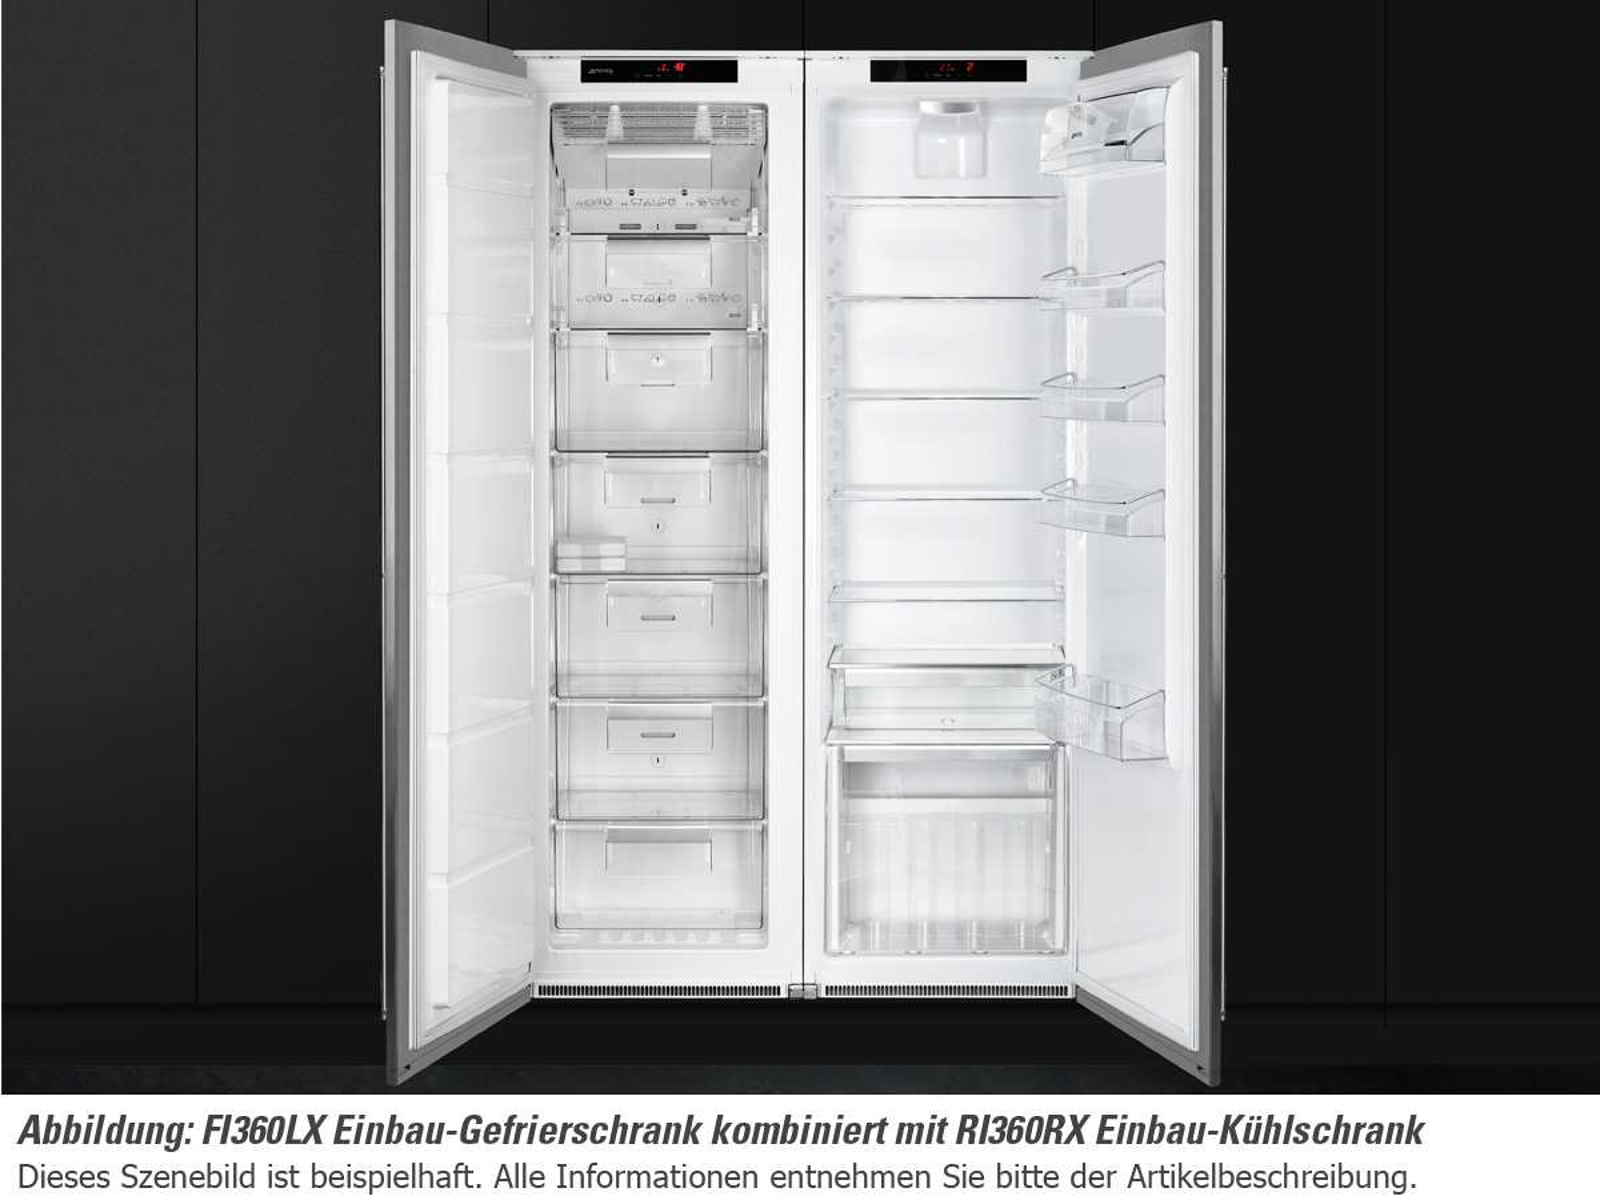 Gorenje Kühlschrank Tür Schliesst Nicht : Gorenje kühlschrank schließt nicht richtig: gorenje ifa gorenje